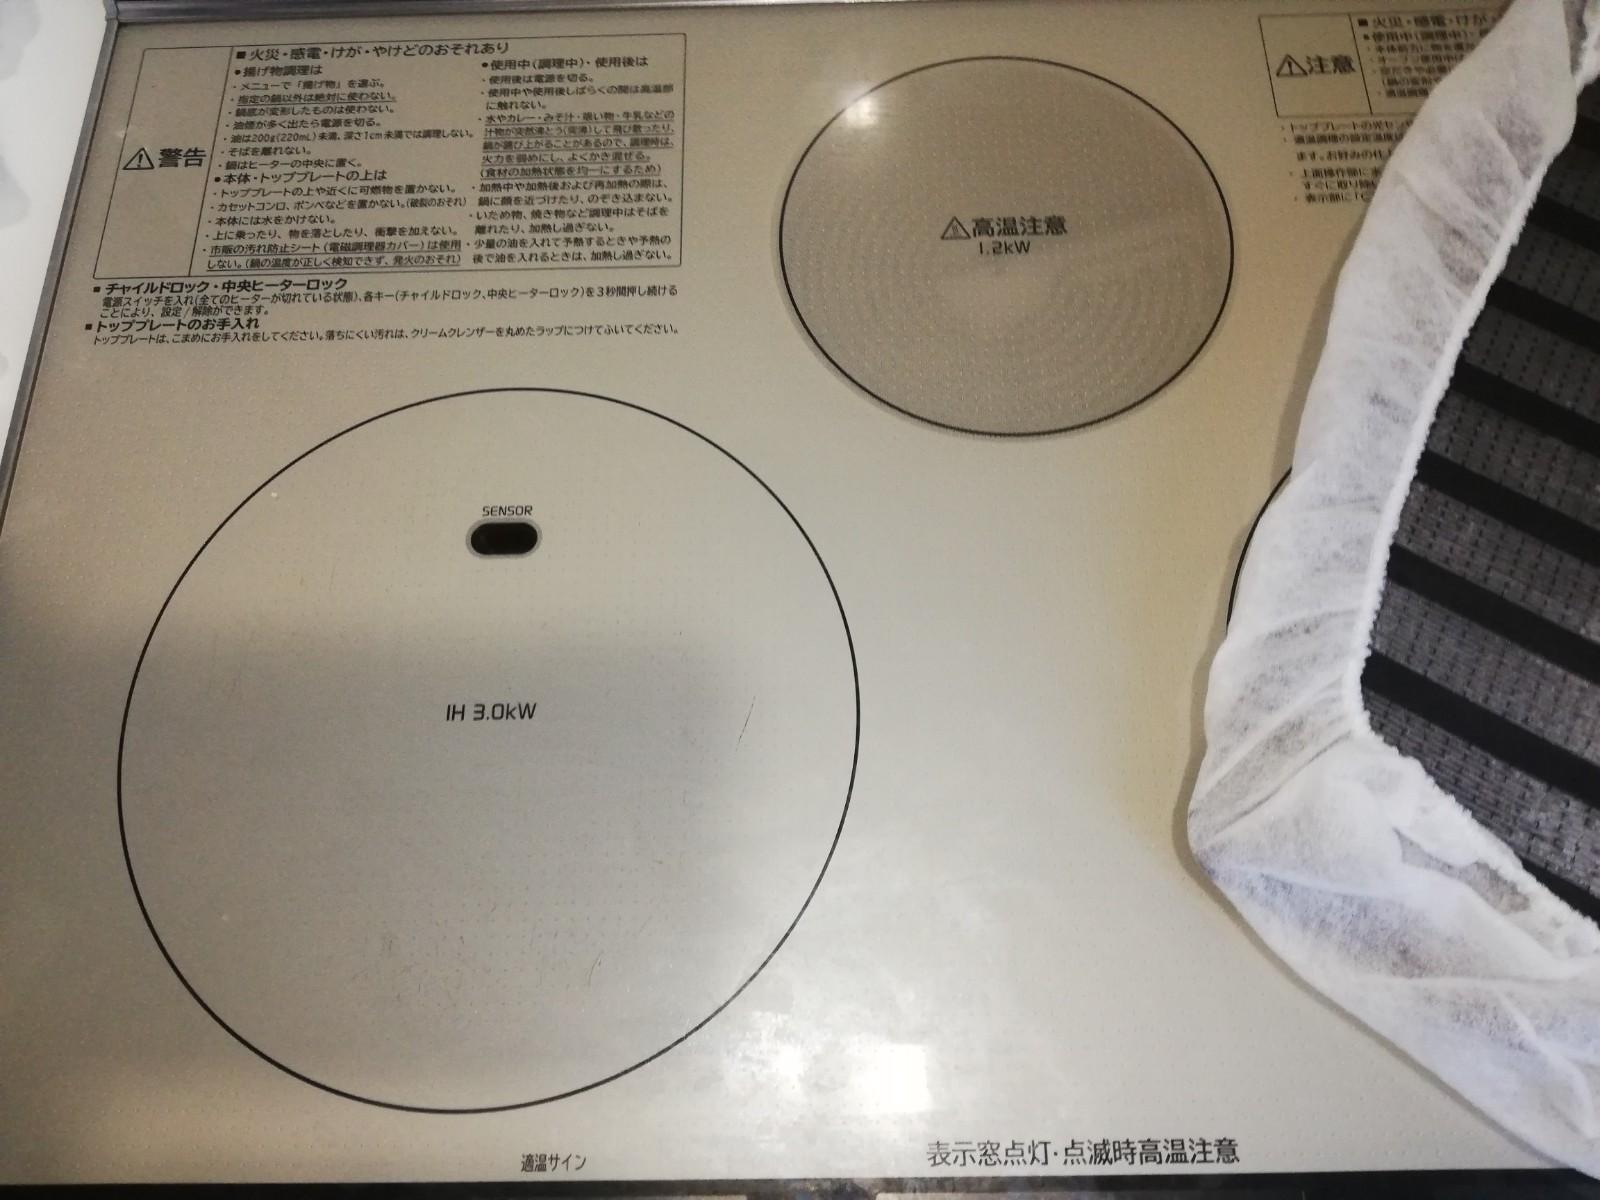 IHのキッチン汚れもキレイにしてほしい!五徳以外も対応できますか?After